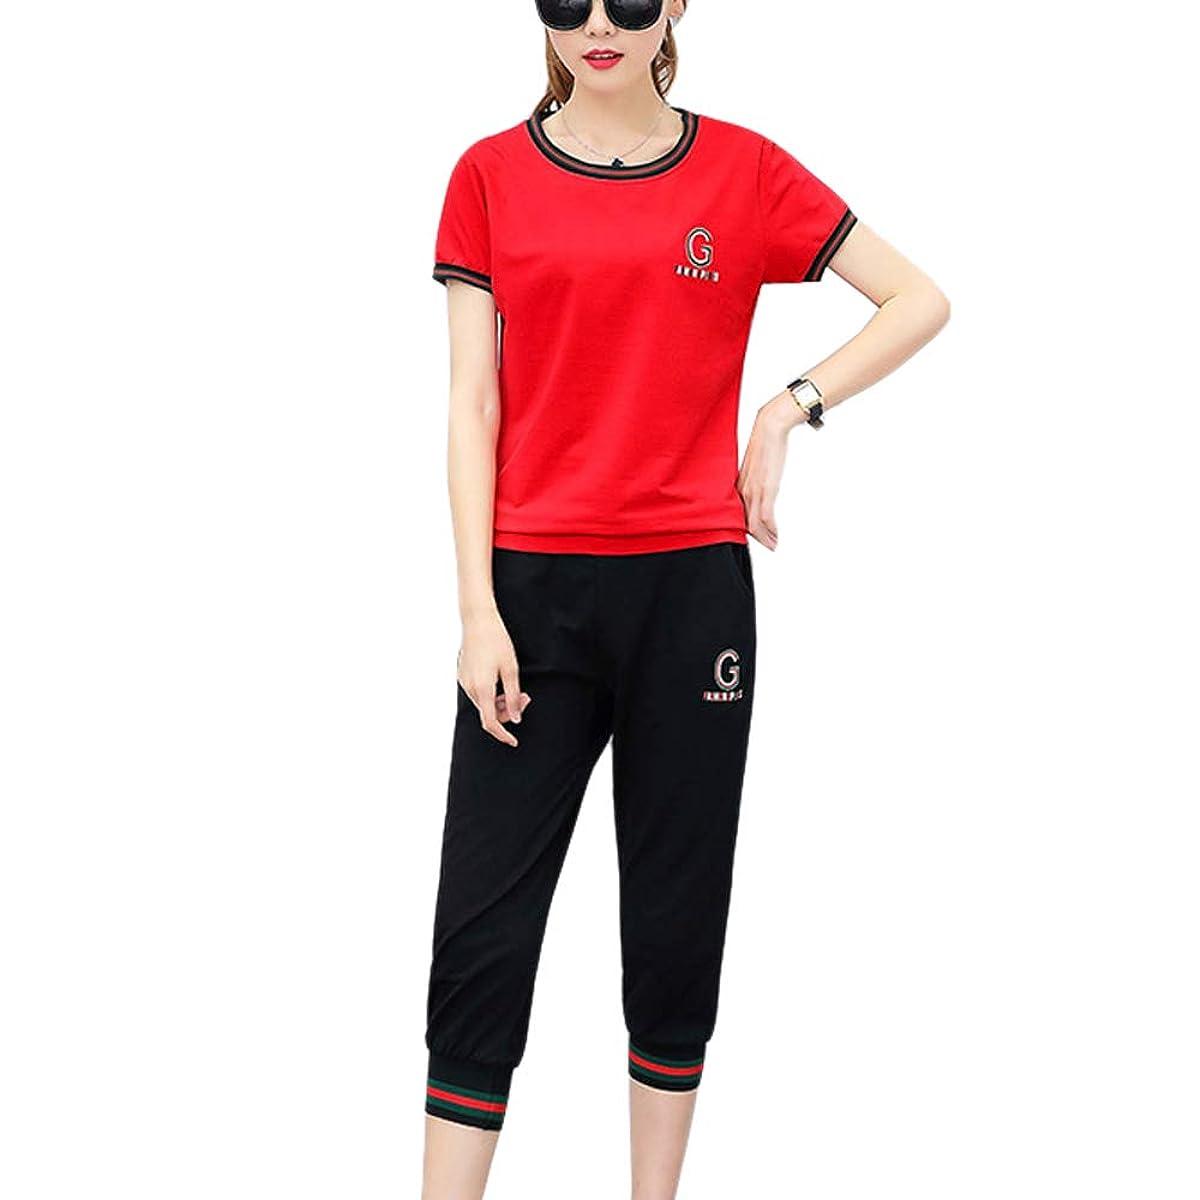 追加する悪いアウター【ユウエ】ジャージ レディース 上下 スポーツウェア ゴルフウェア スウェット ポロシャツ セットアップ 大きいサイズ 014-ayss-9950(XL レッド )